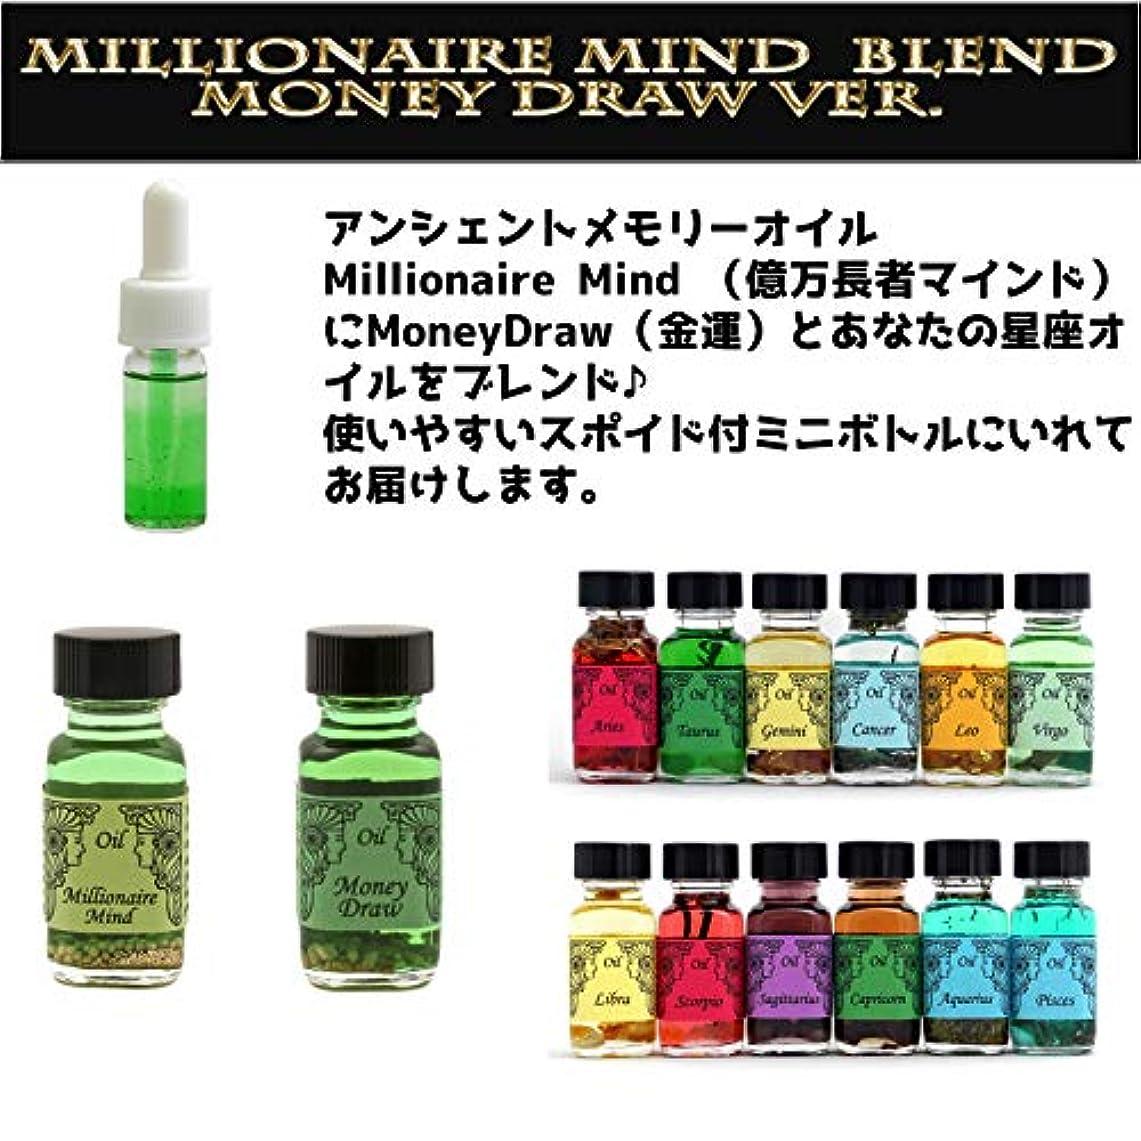 神話爆発するかんたんアンシェントメモリーオイル Millionaire Mind 億万長者マインド ブレンド(Money Drawマネードロー(金運)&かに座